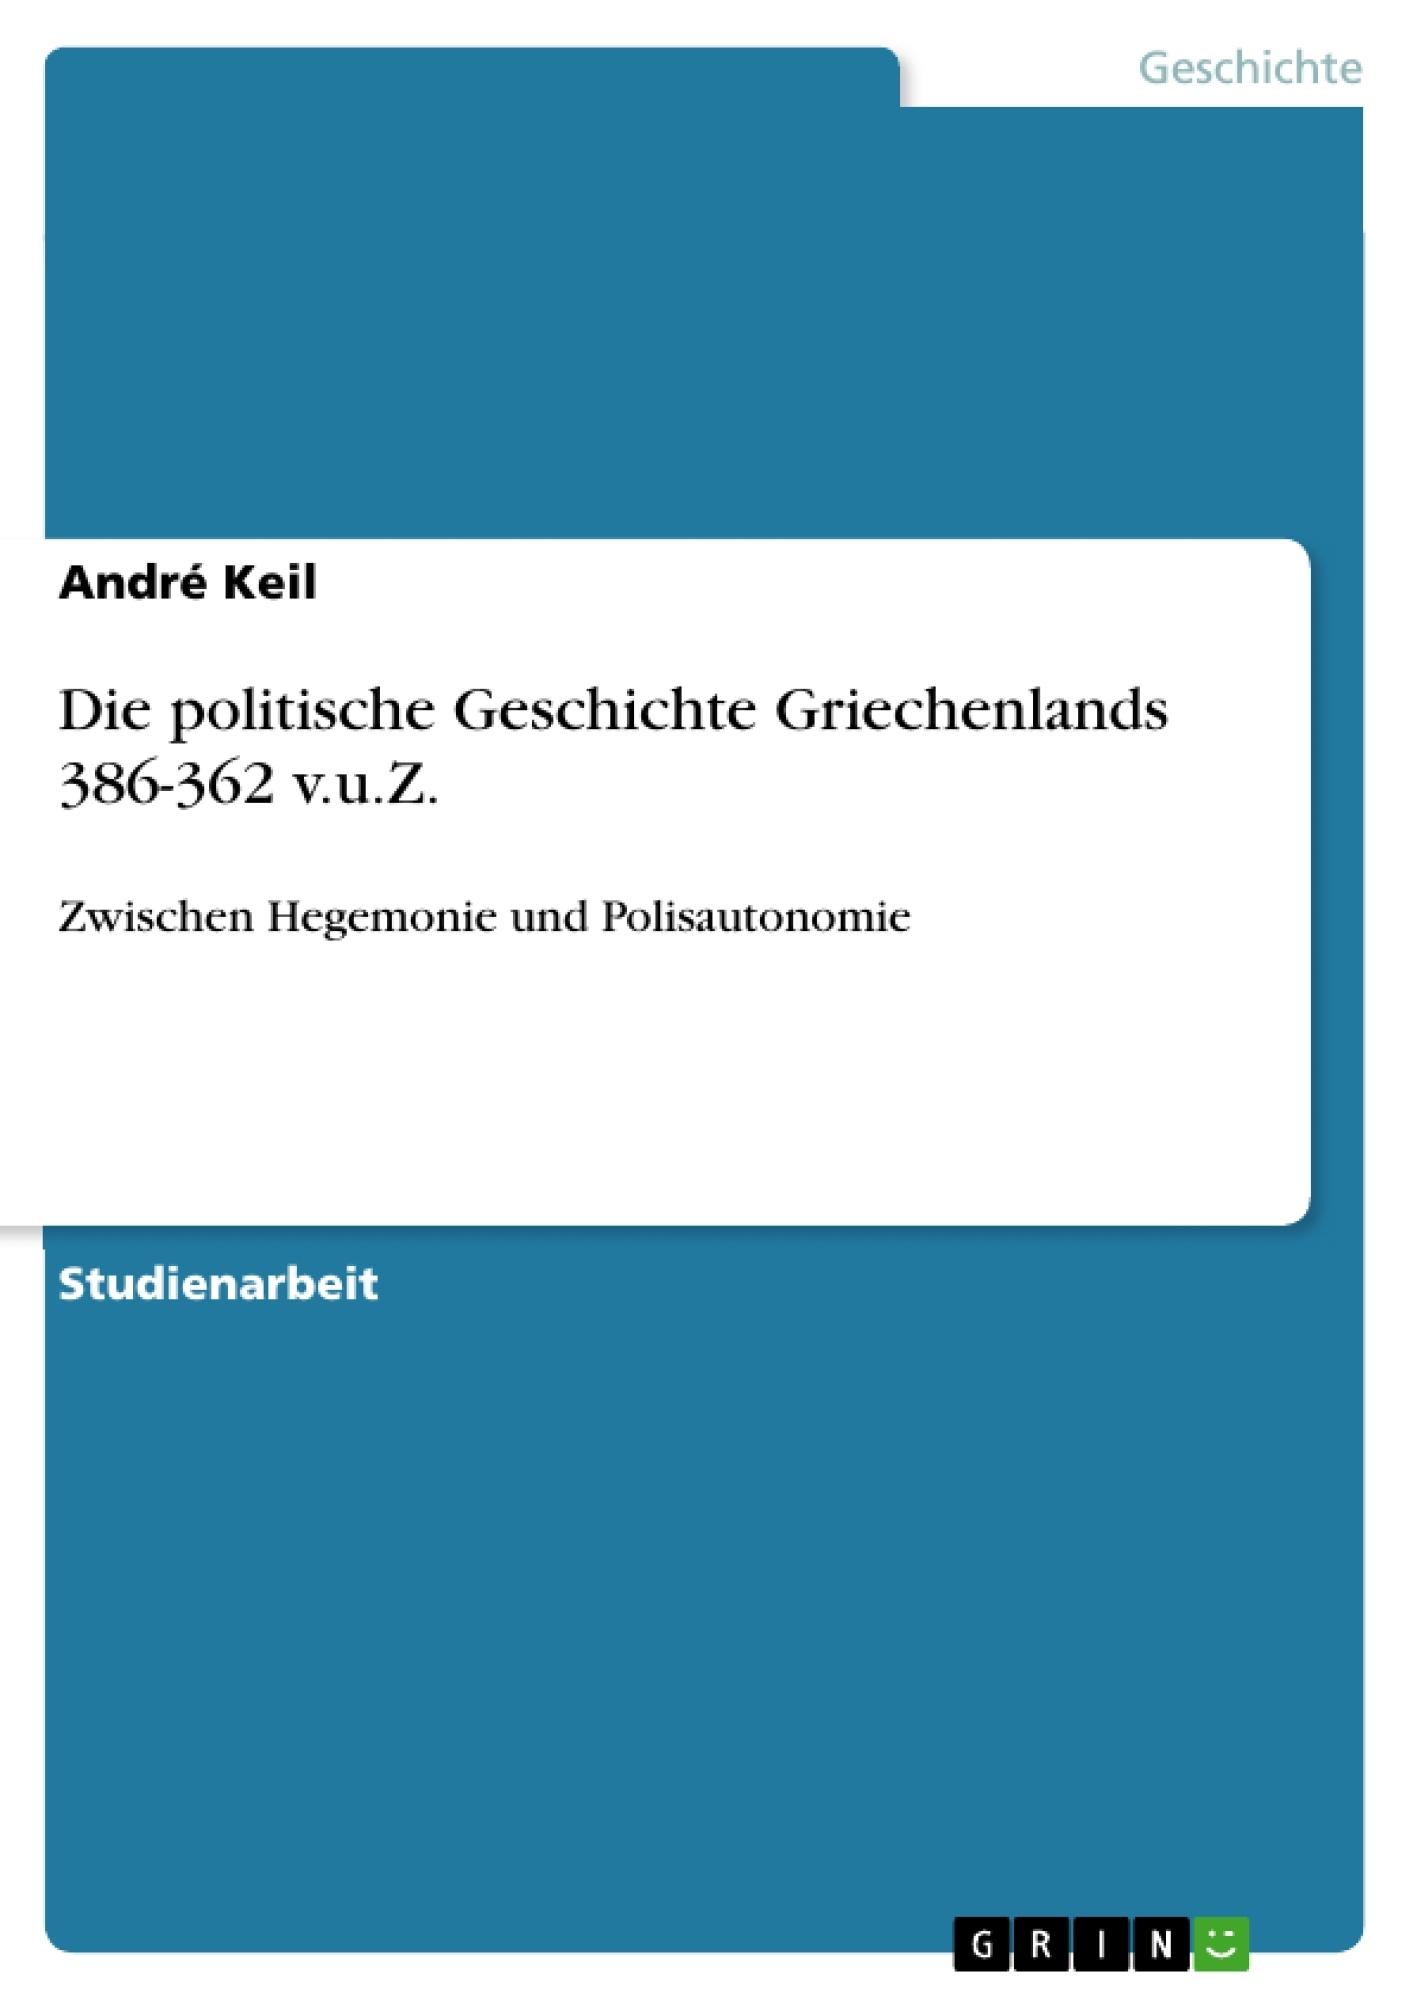 Titel: Die politische Geschichte Griechenlands 386-362 v.u.Z.